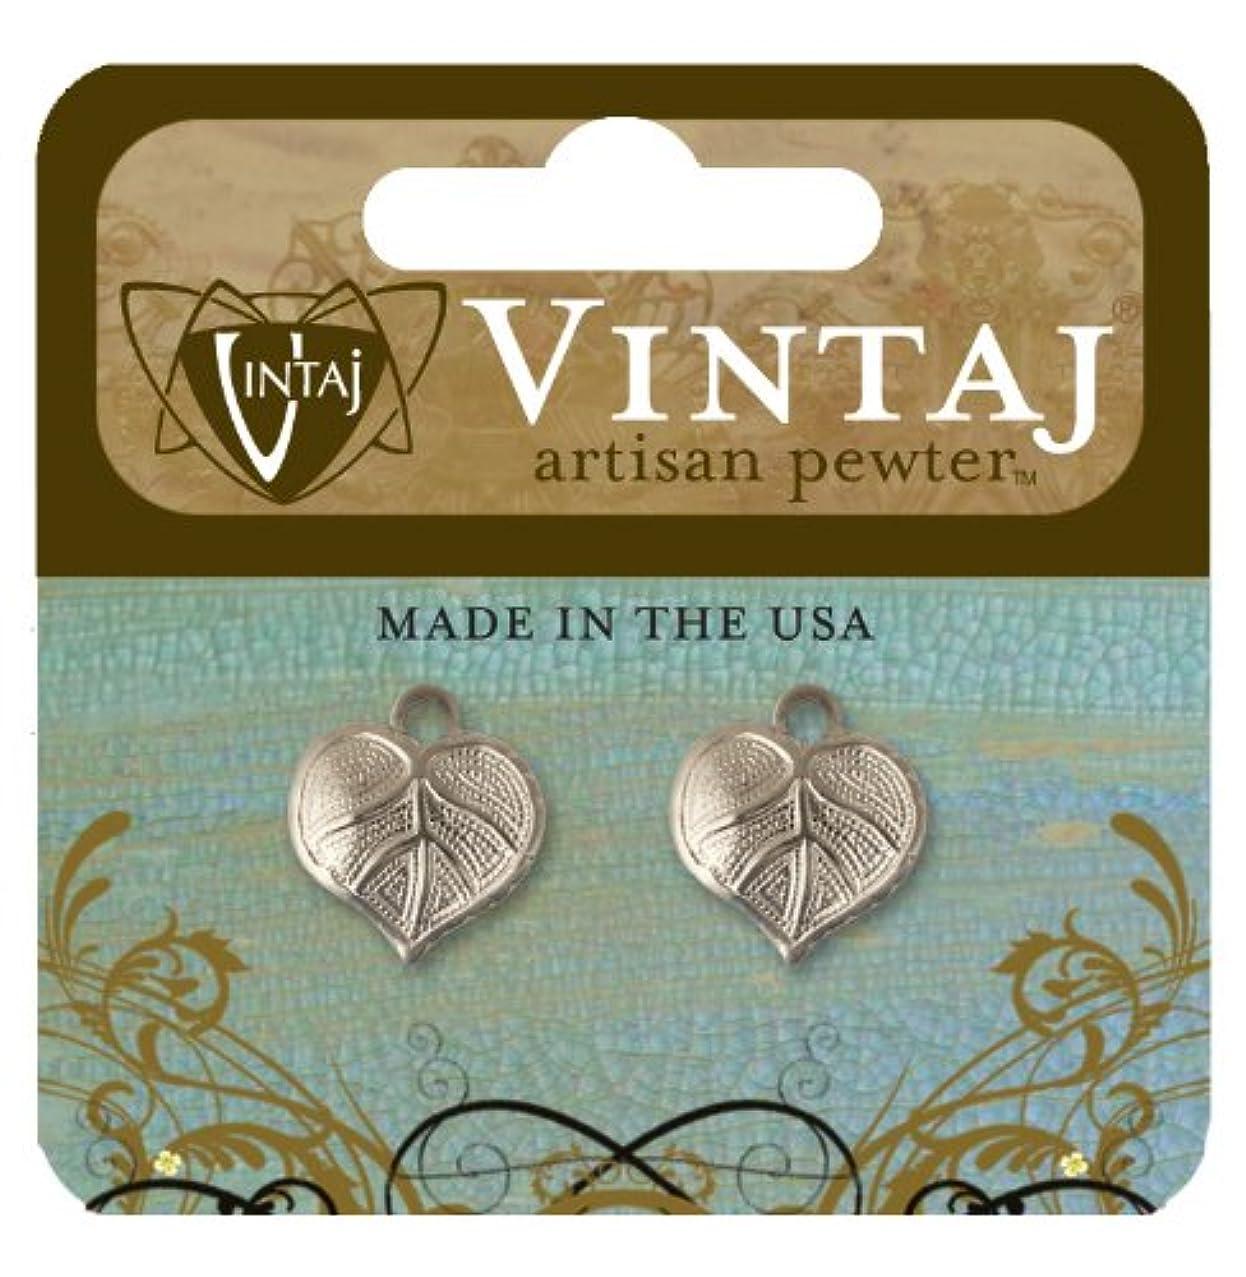 Vintaj Artisan Pewter 2-Piece Nouveau Leaf Pendant, 14 by 12mm